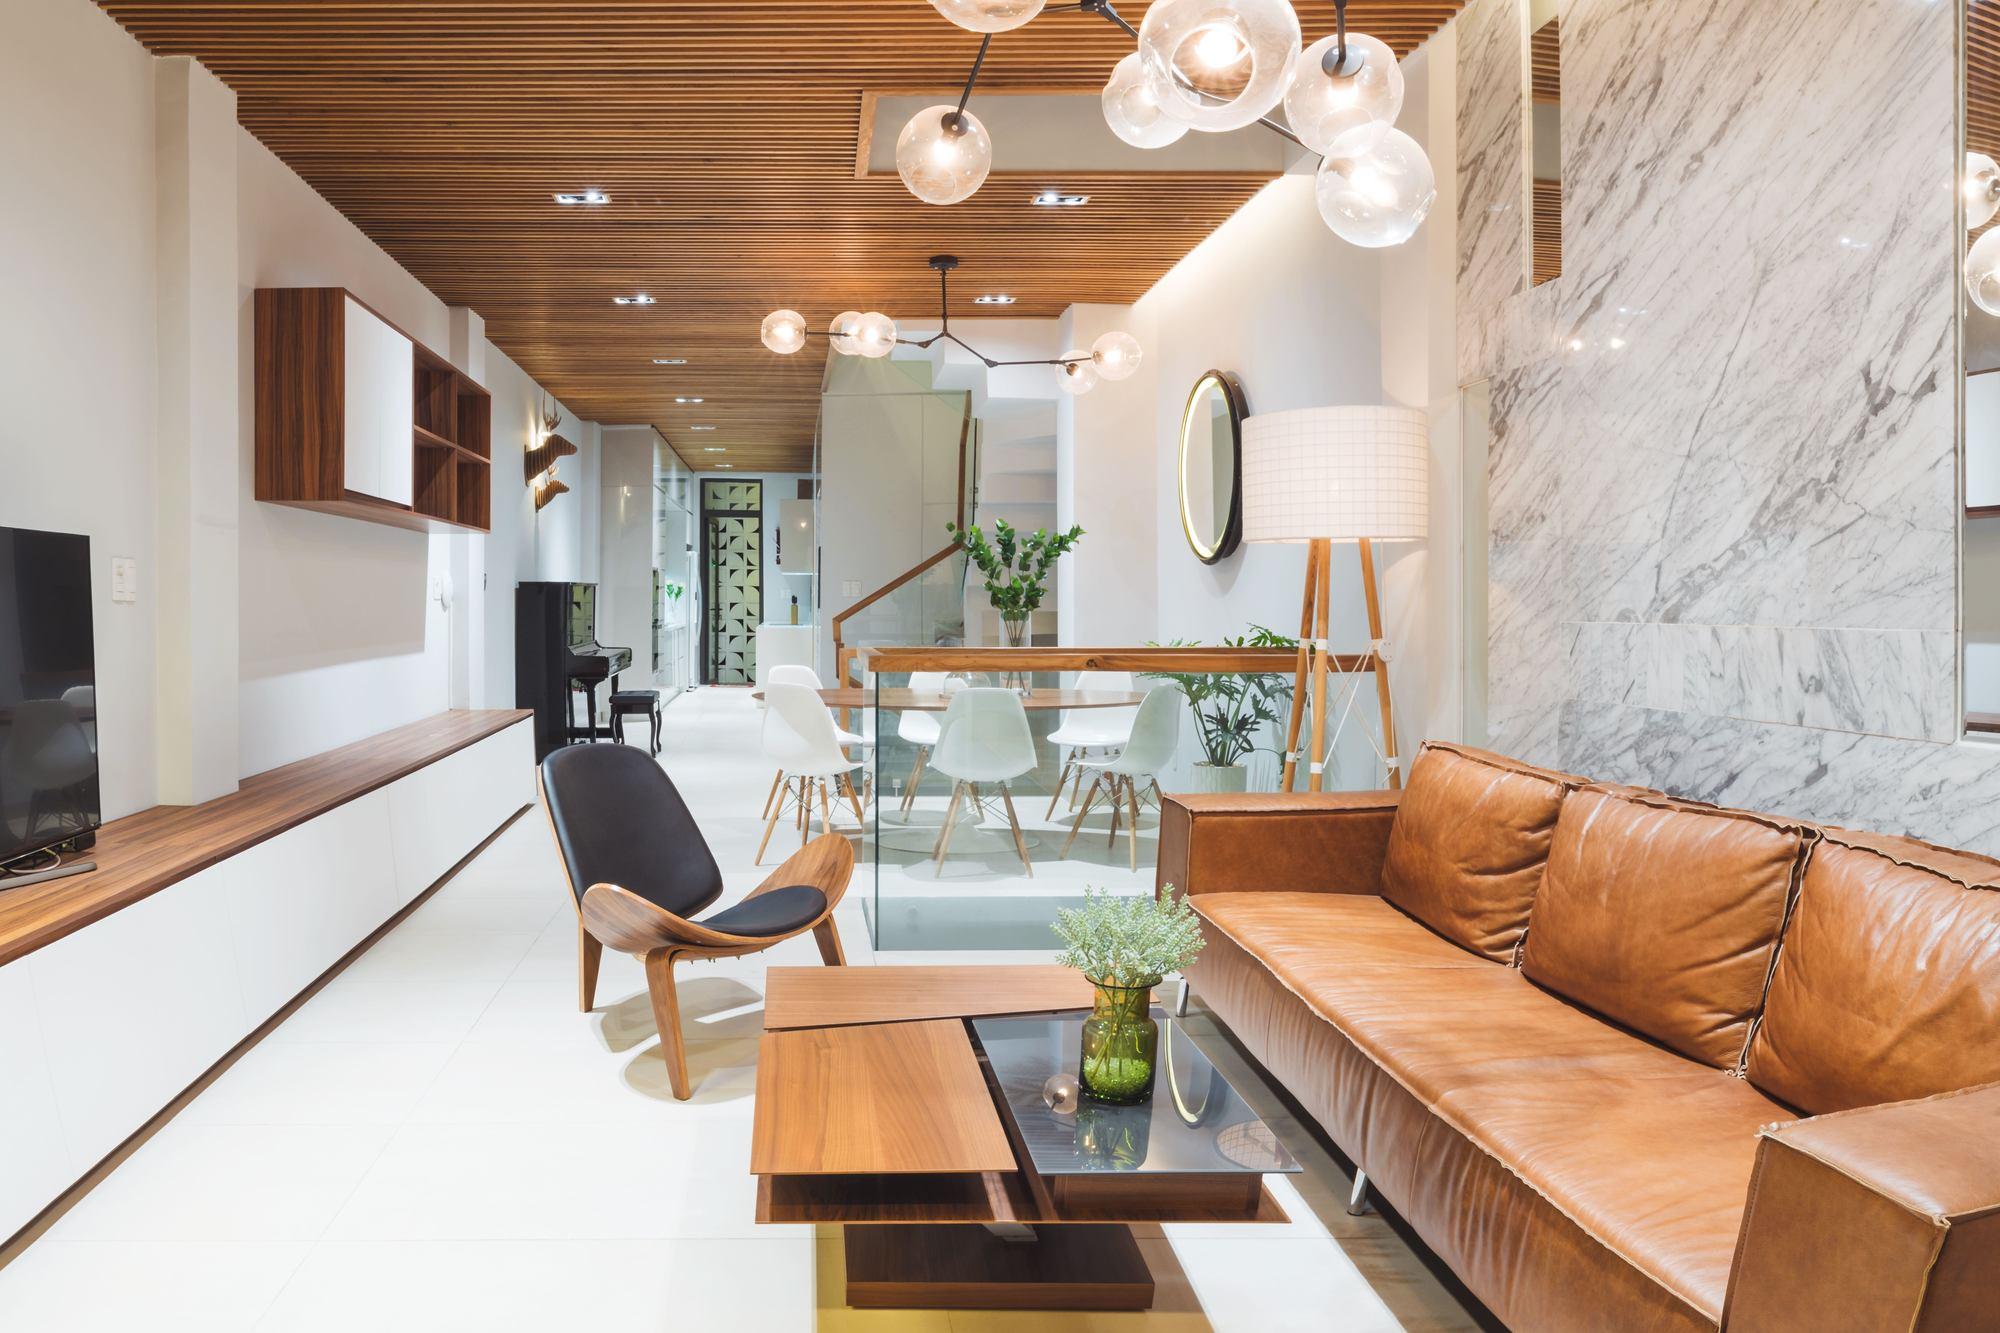 """Tổng hợp những mẫu thiết kế phòng khách đẹp """"mê ly"""" cho không gian nhỏ bạn không nên lướt qua"""